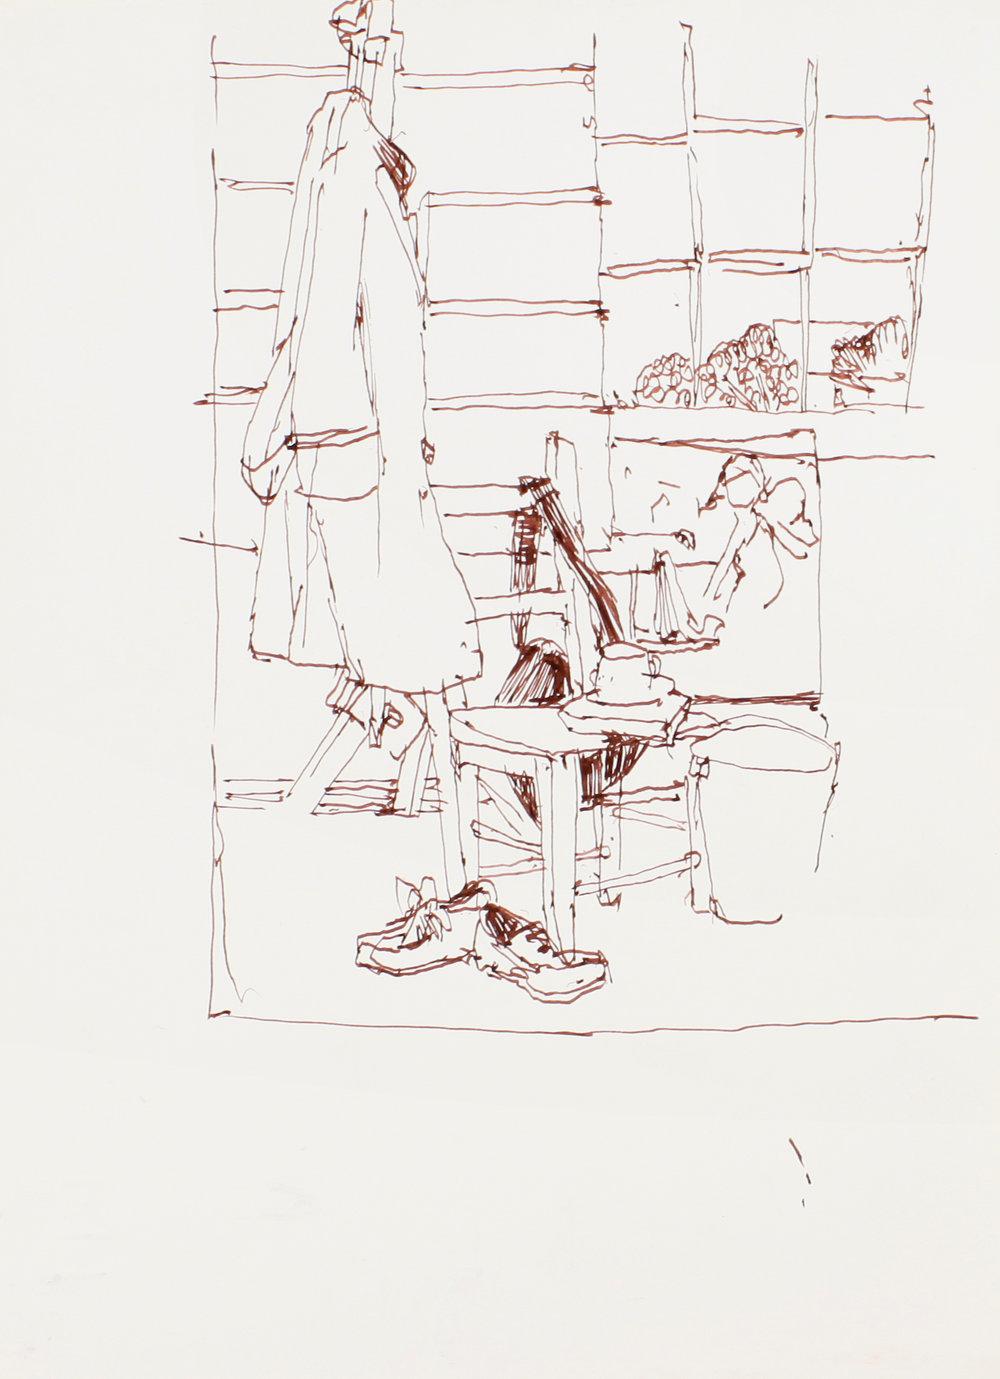 Studio with Coat on Easel